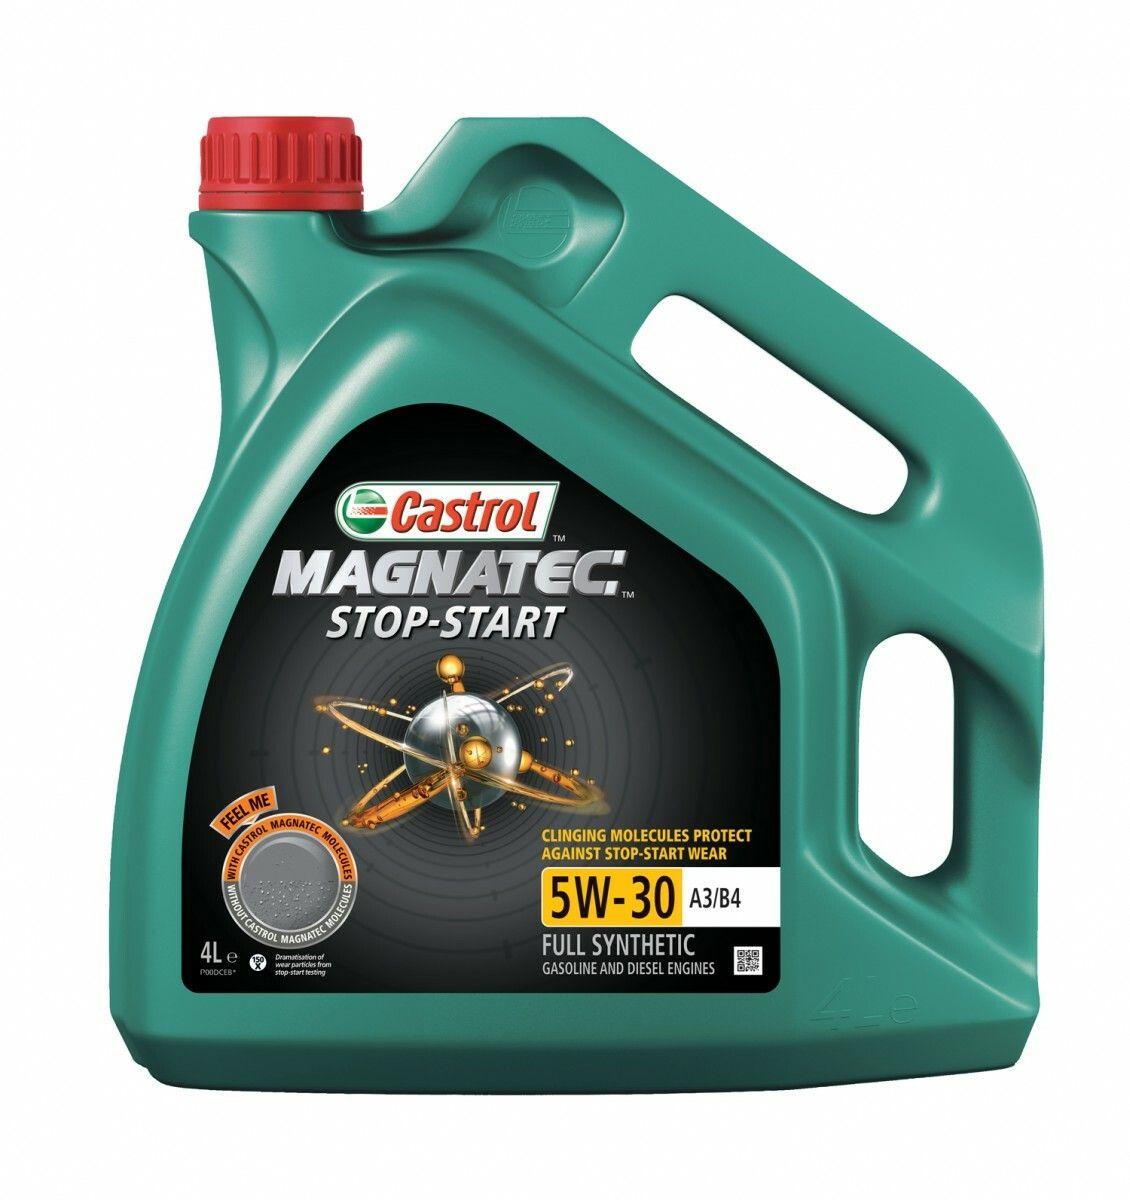 Motorový olej Castrol MAGNATEC STOP-START 4L, 5W30 A3/B4